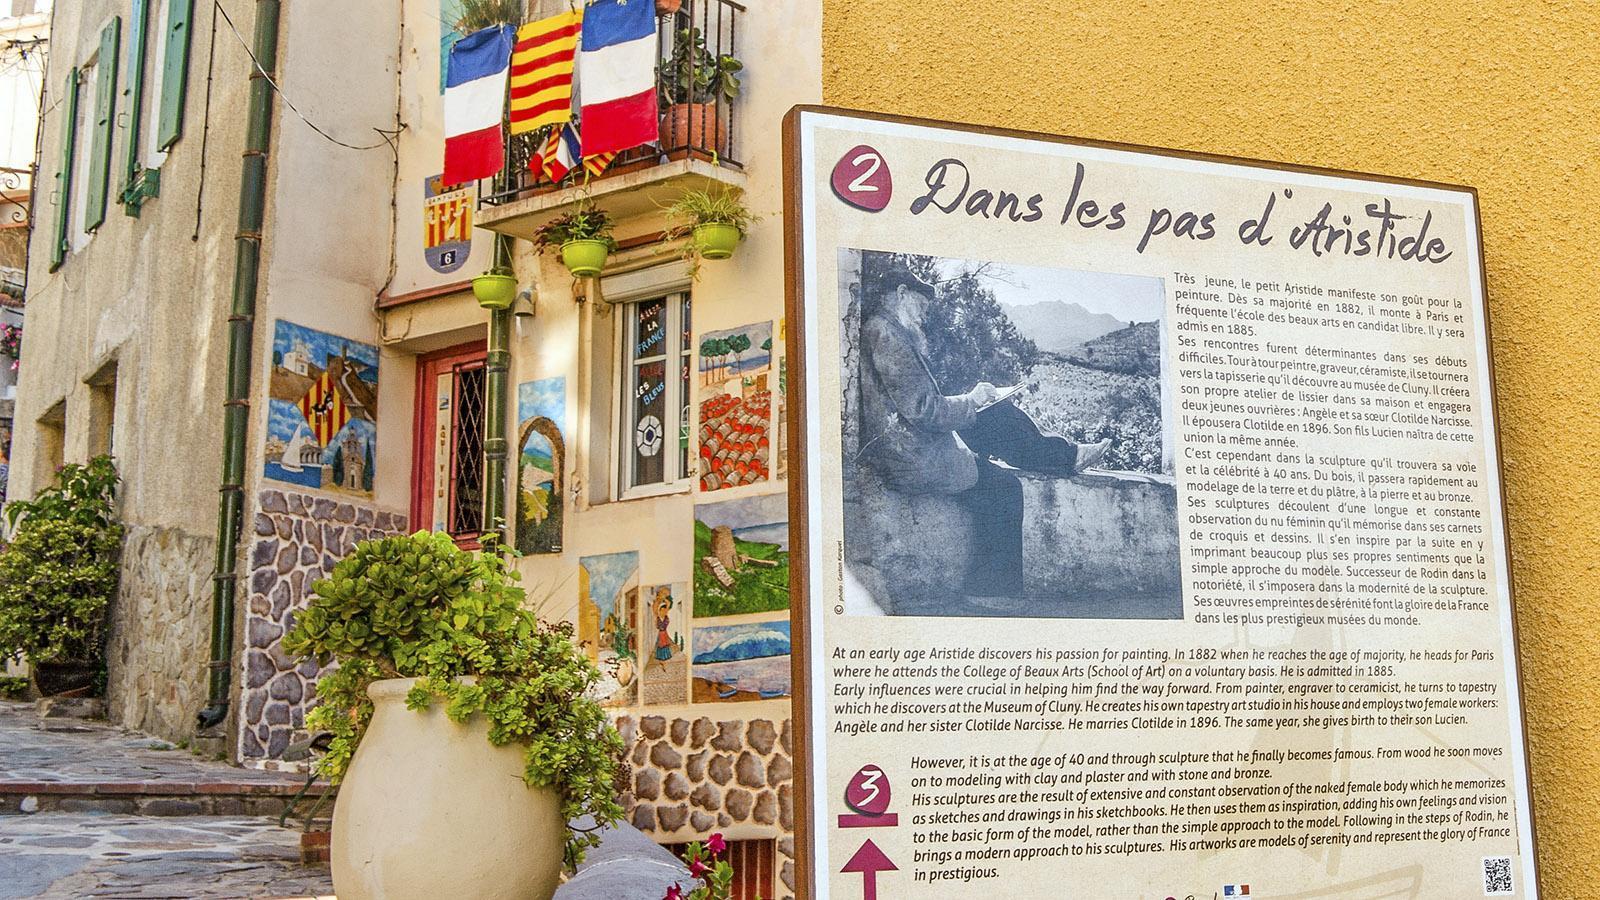 Ein Themenweg folgt in der Altstadt von Banyuls den Spuren des Malers Maillol. Foto: Hilke Maunder